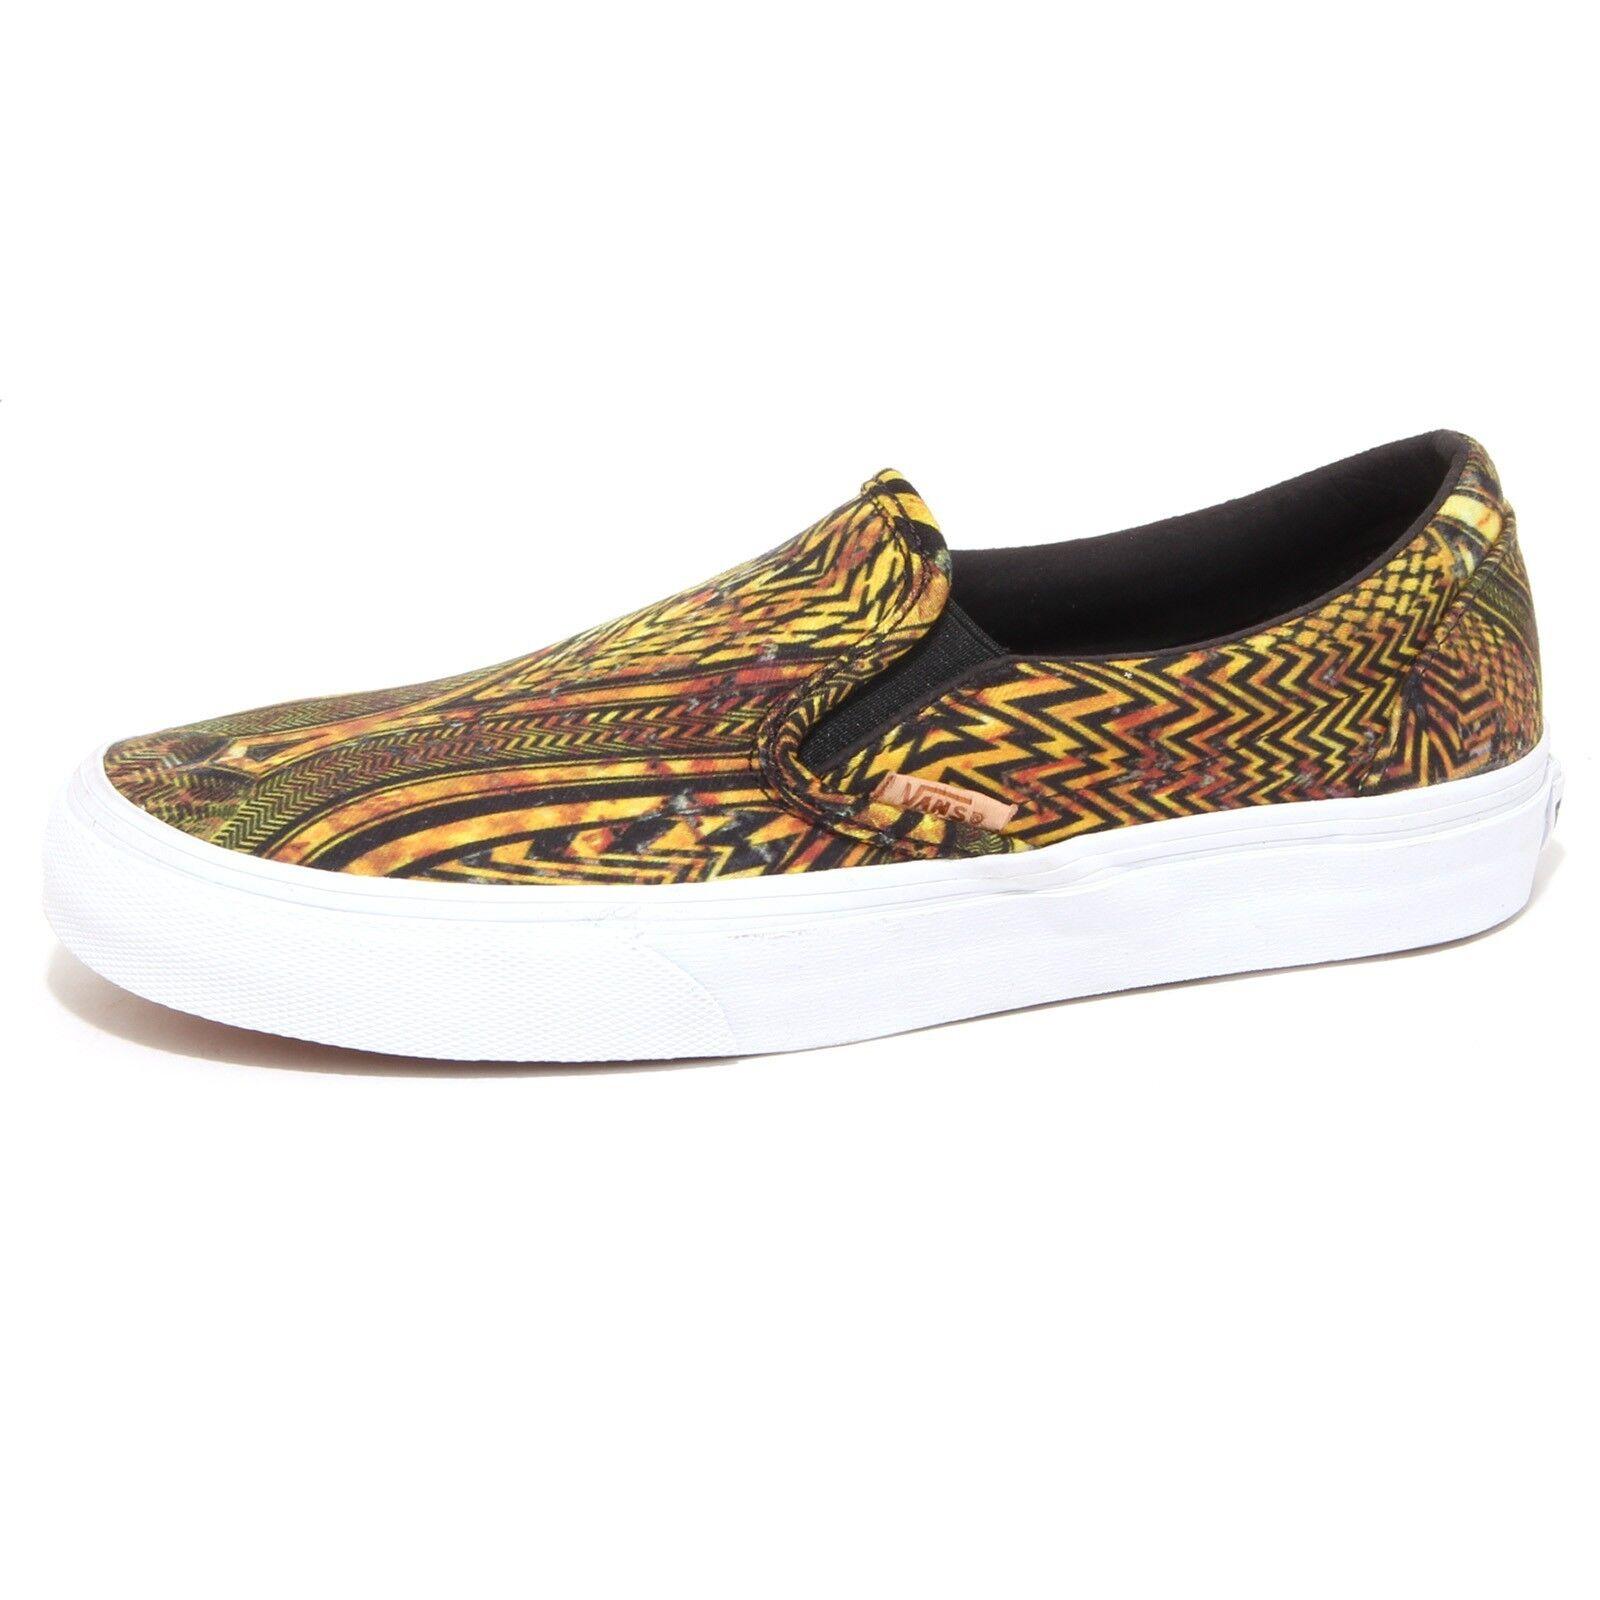 7924P 7924P 7924P scarpe da ginnastica VANS SLIP-ON giallo nero scarpa donna scarpe woman b3f372